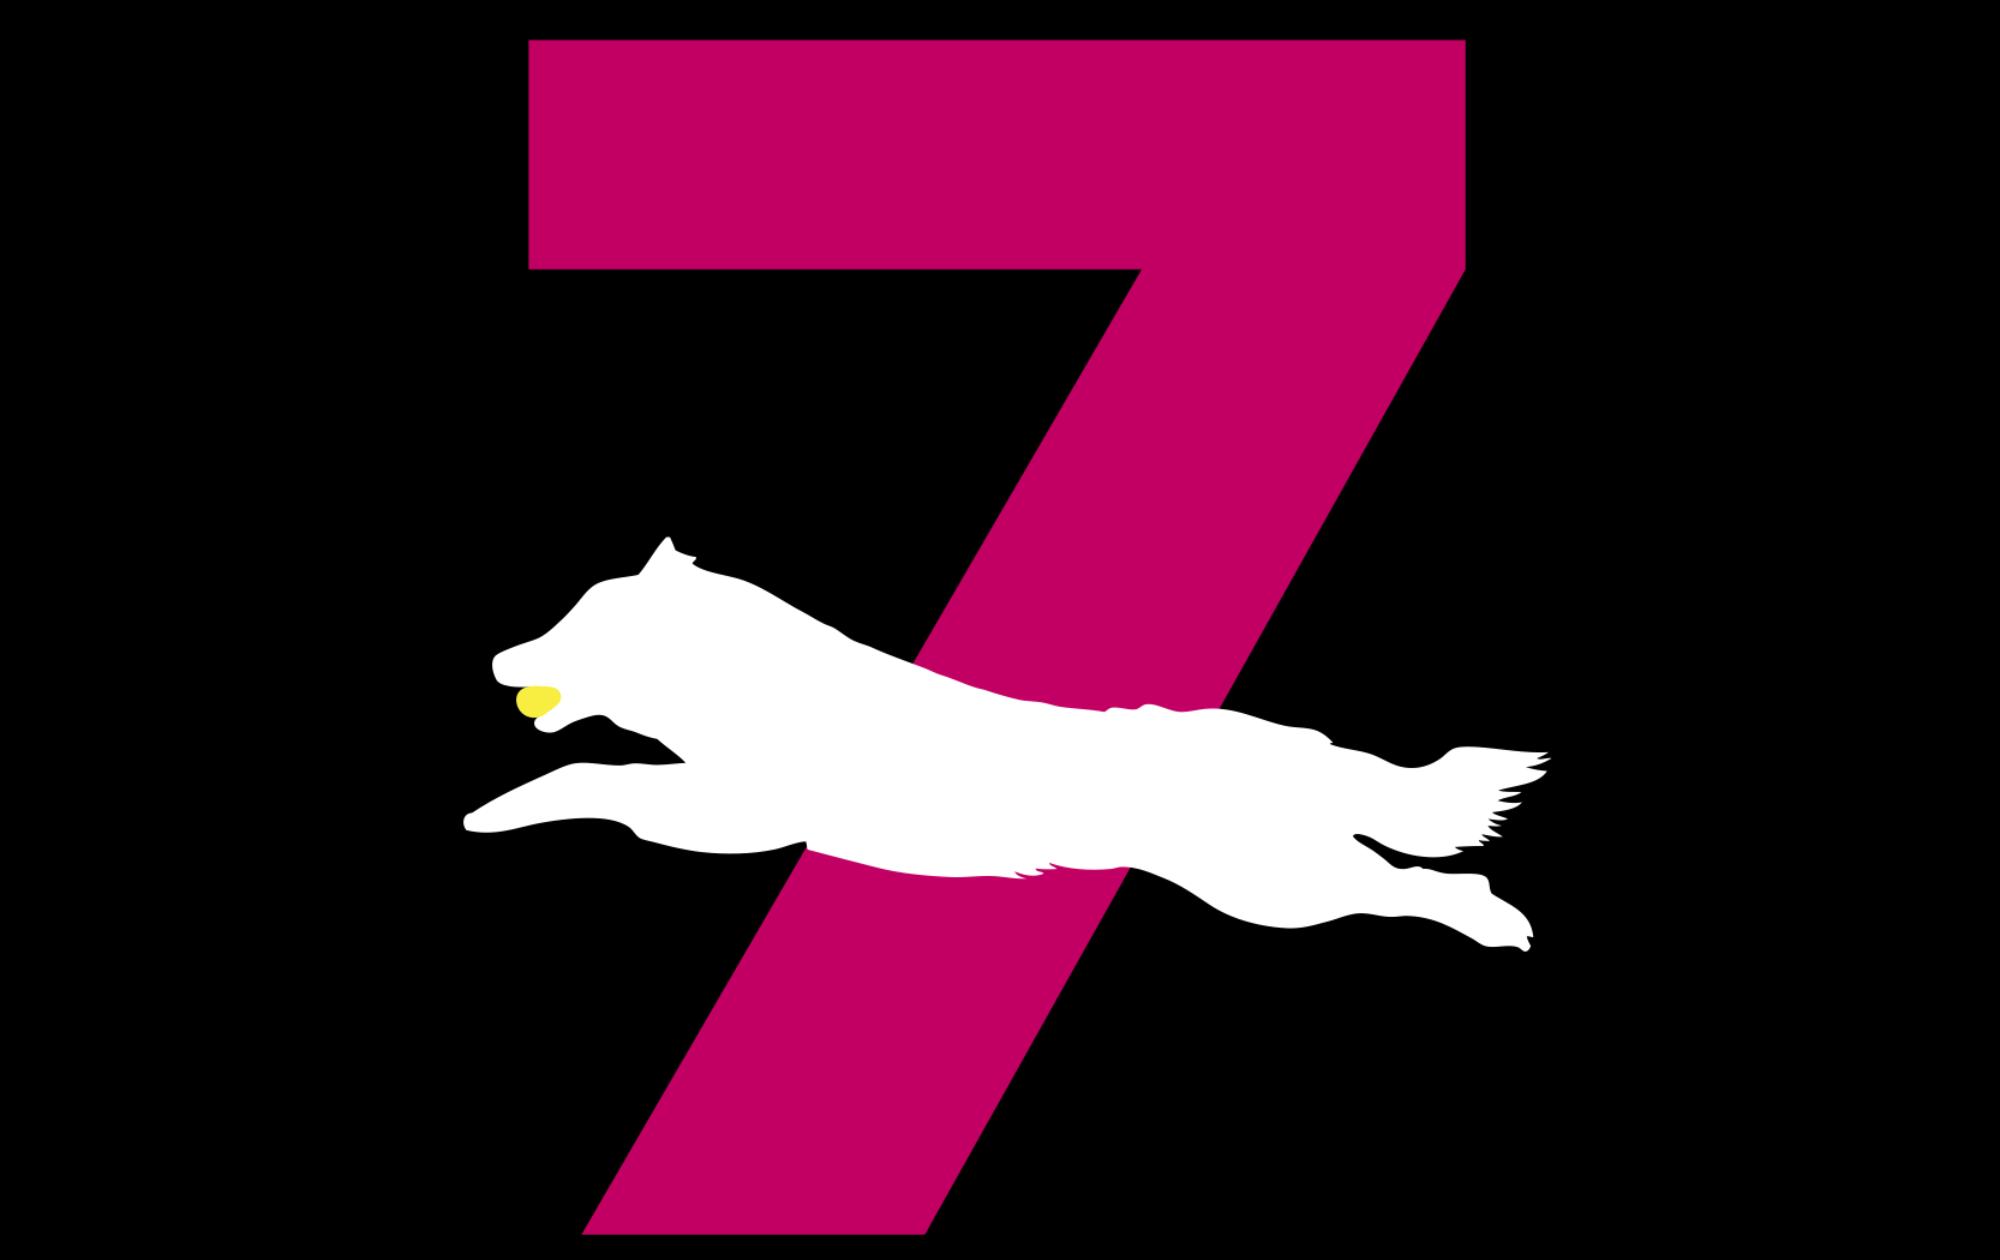 Flyball - Die 7 Zwerge